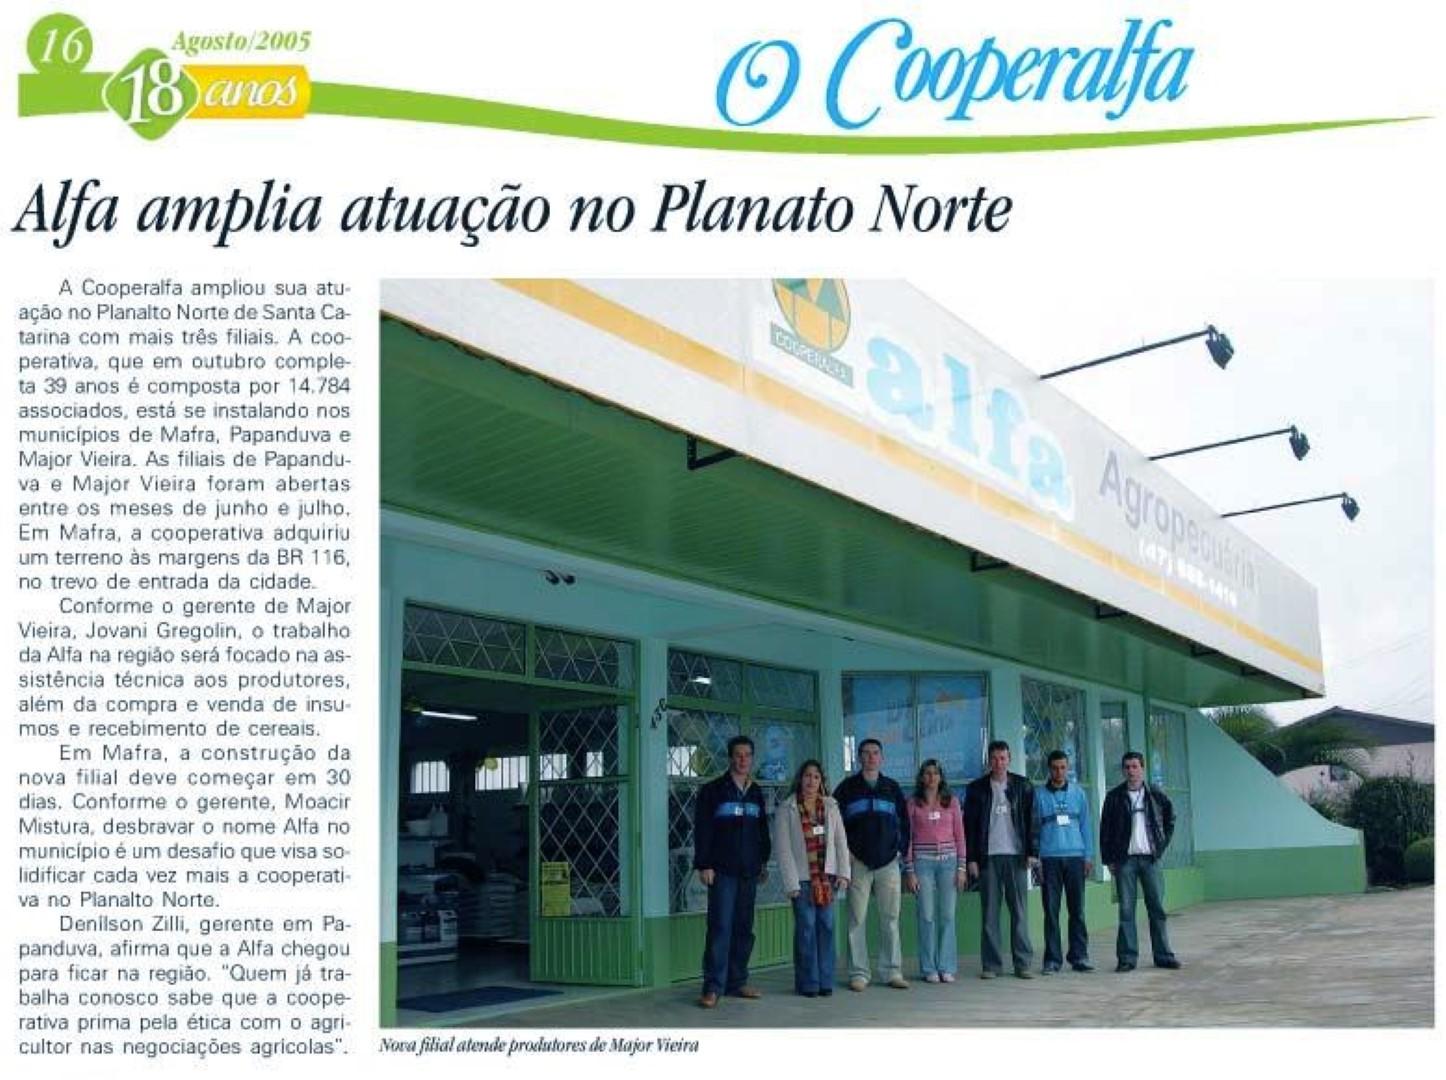 Mais filiais no Planalto Norte Catarinense